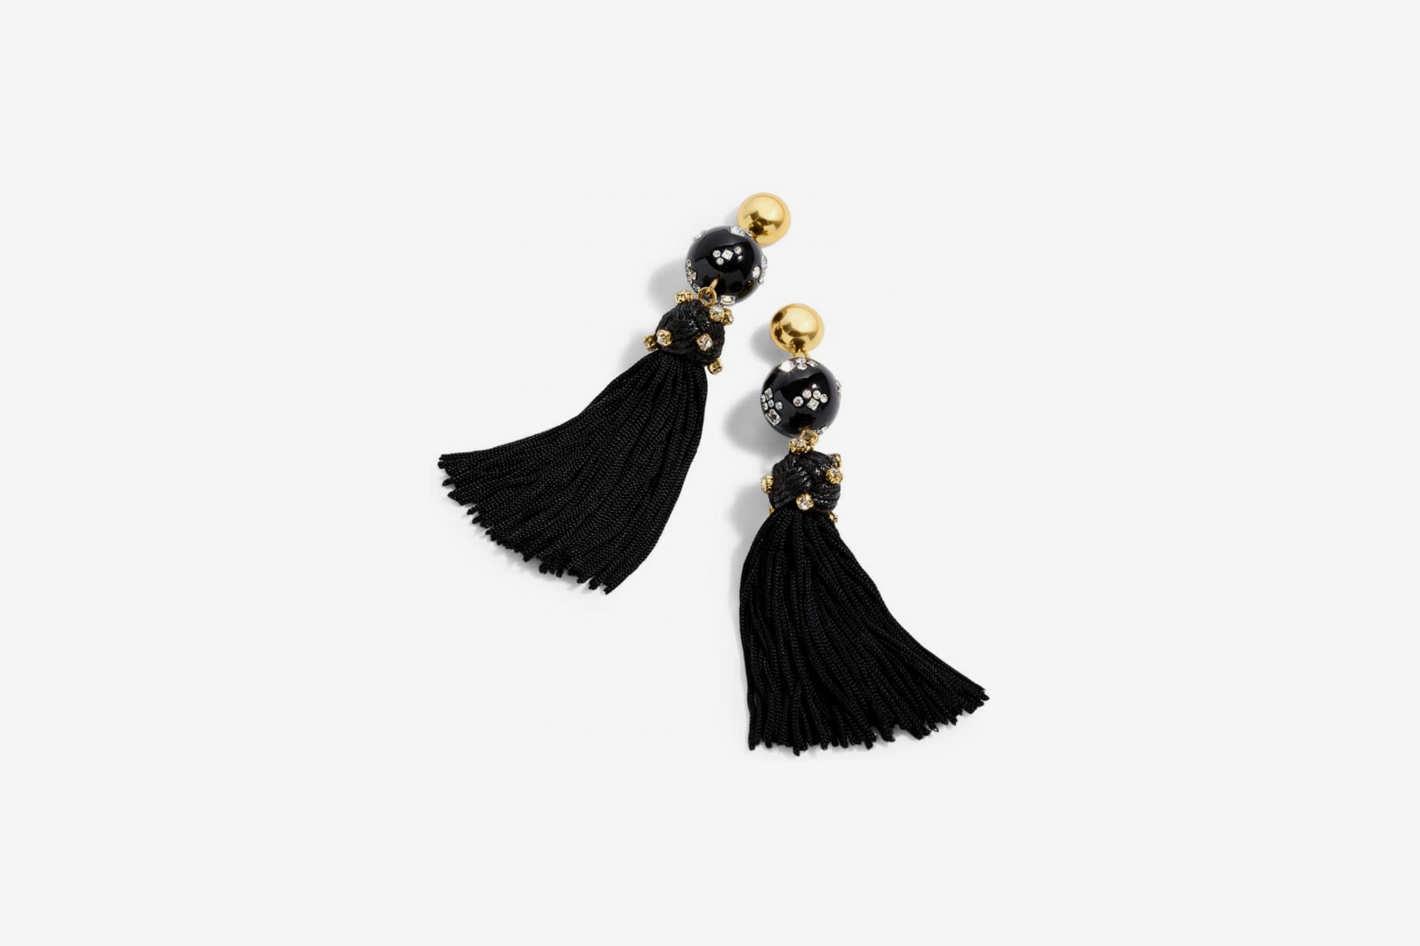 J. Crew Crystal Studded Bead & Tassel Earrings